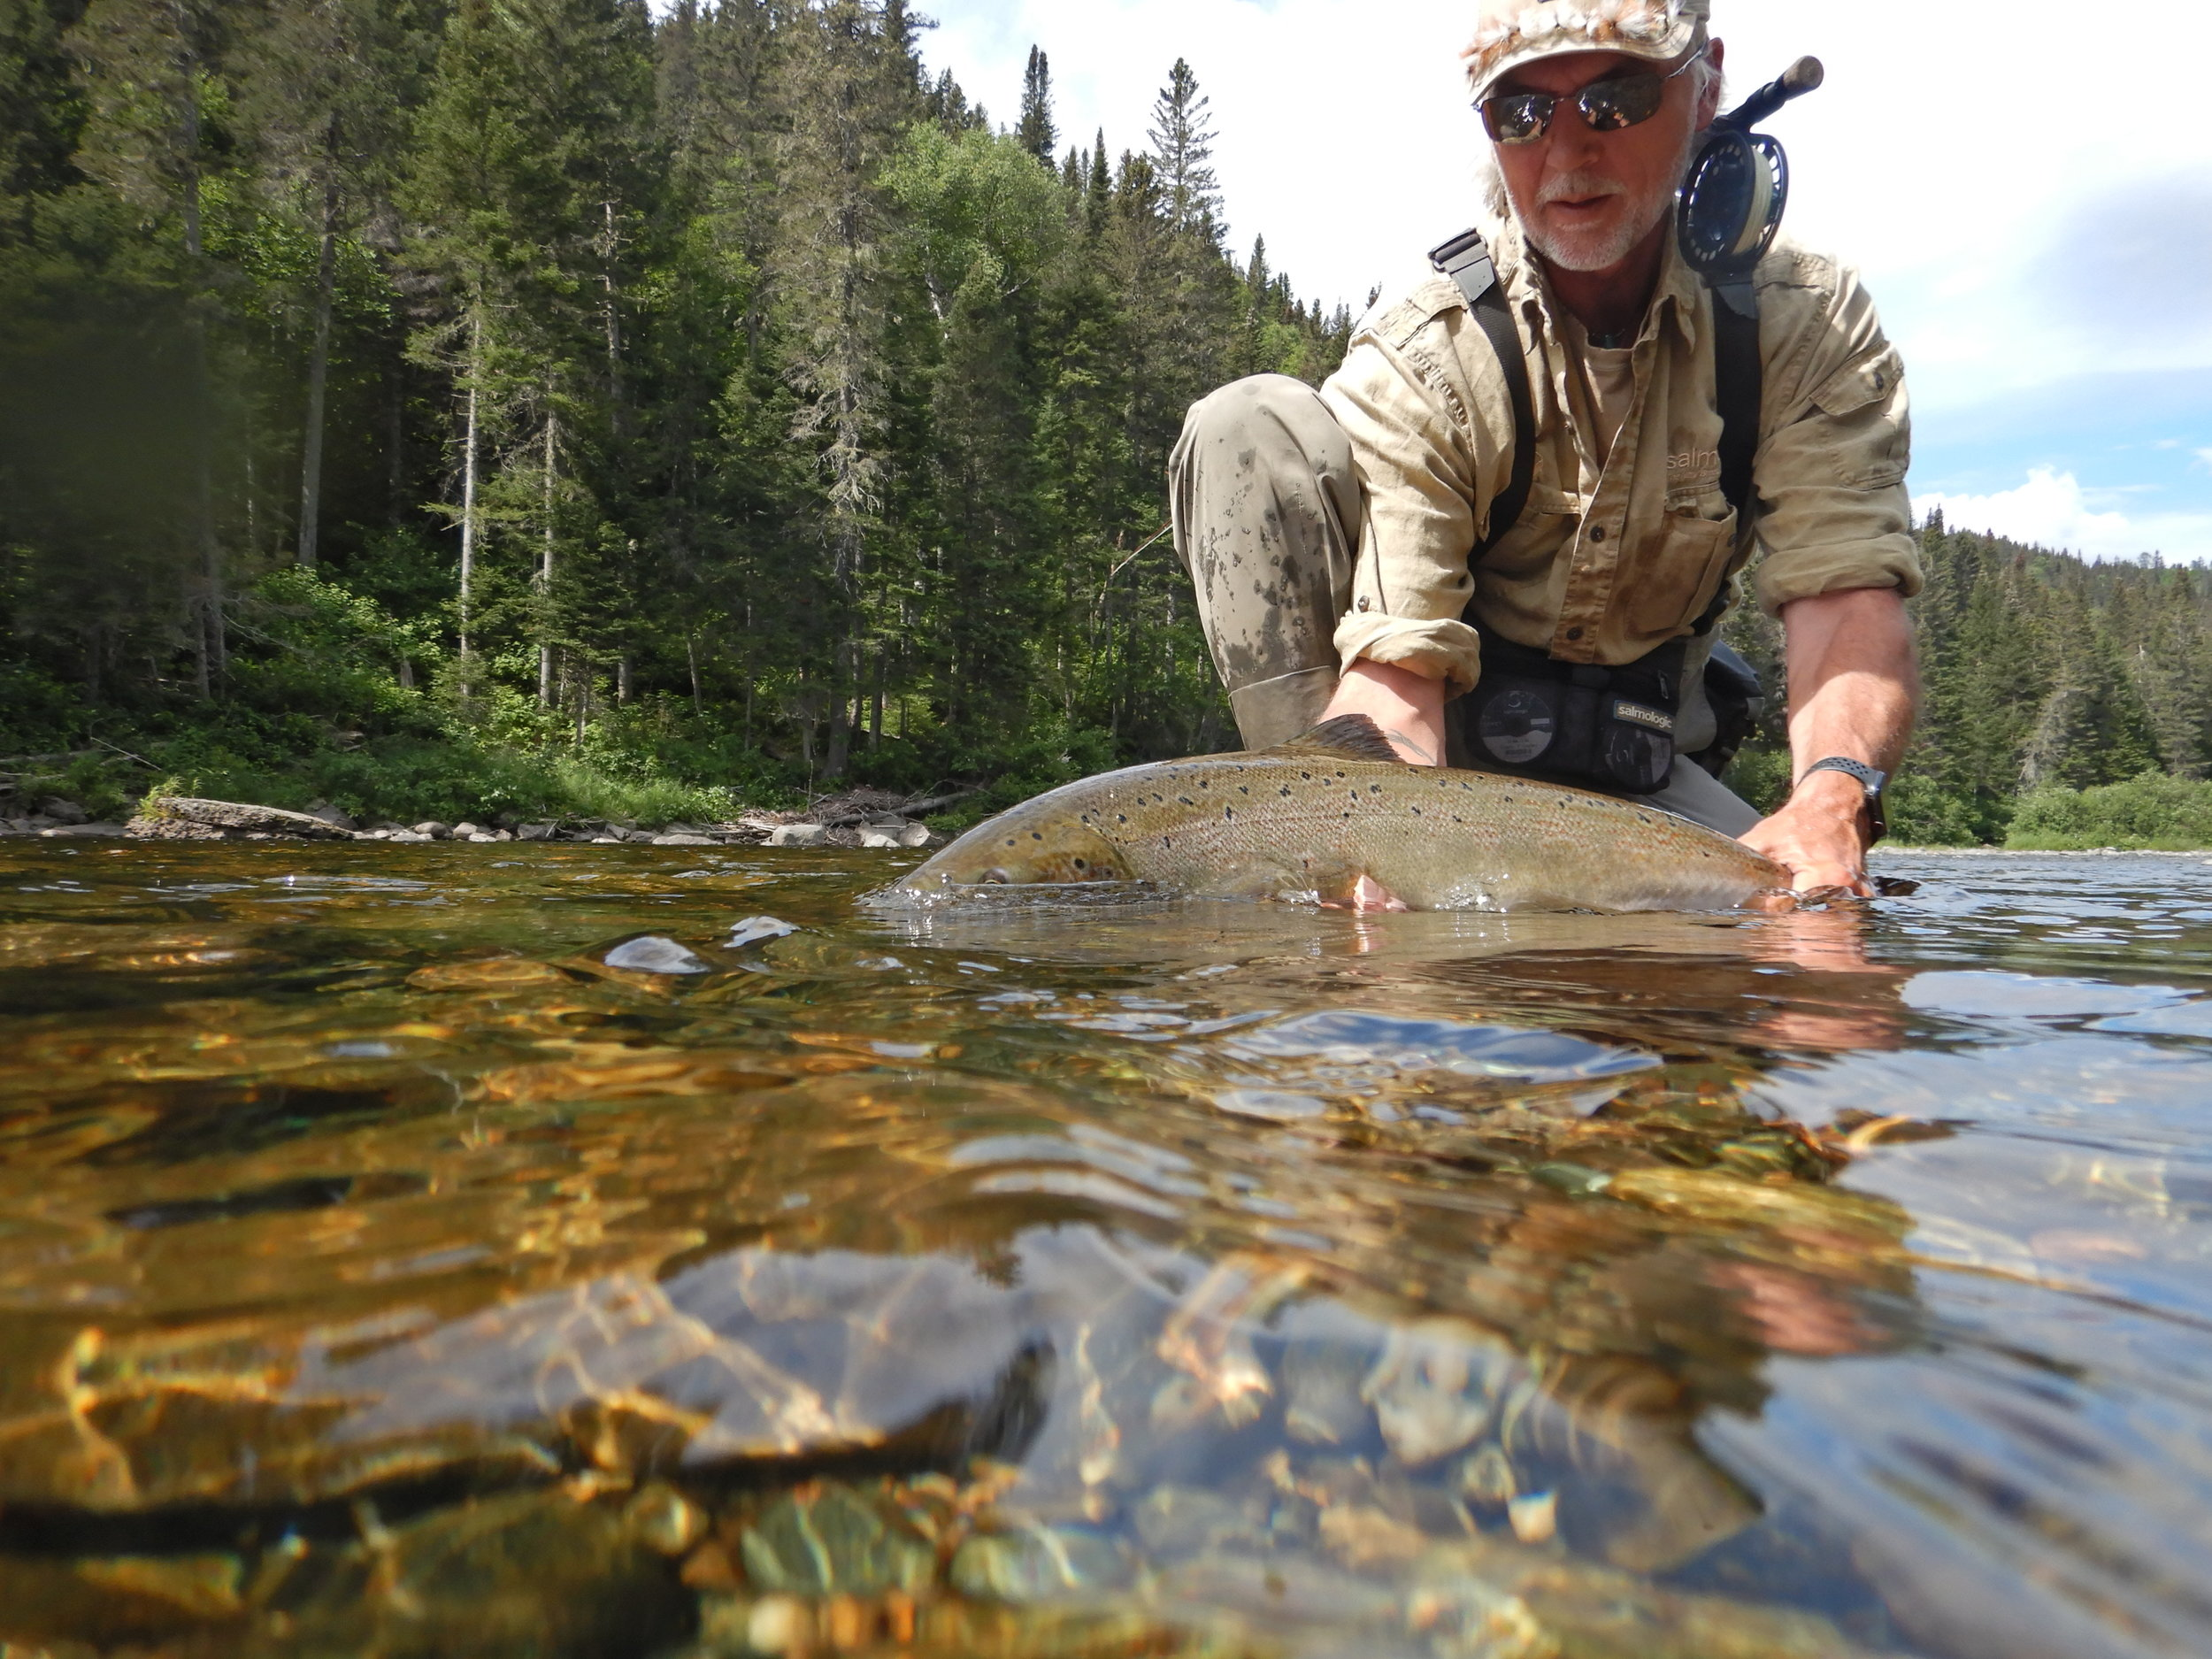 Notre très bon ami, Henrik Mortensen, est un client de Salmon Lodge depuis de nombreuses années. Il en est à sa deuxième semaine de pêche à Salmon Lodge en 2019, et quelle fantastique semaine!